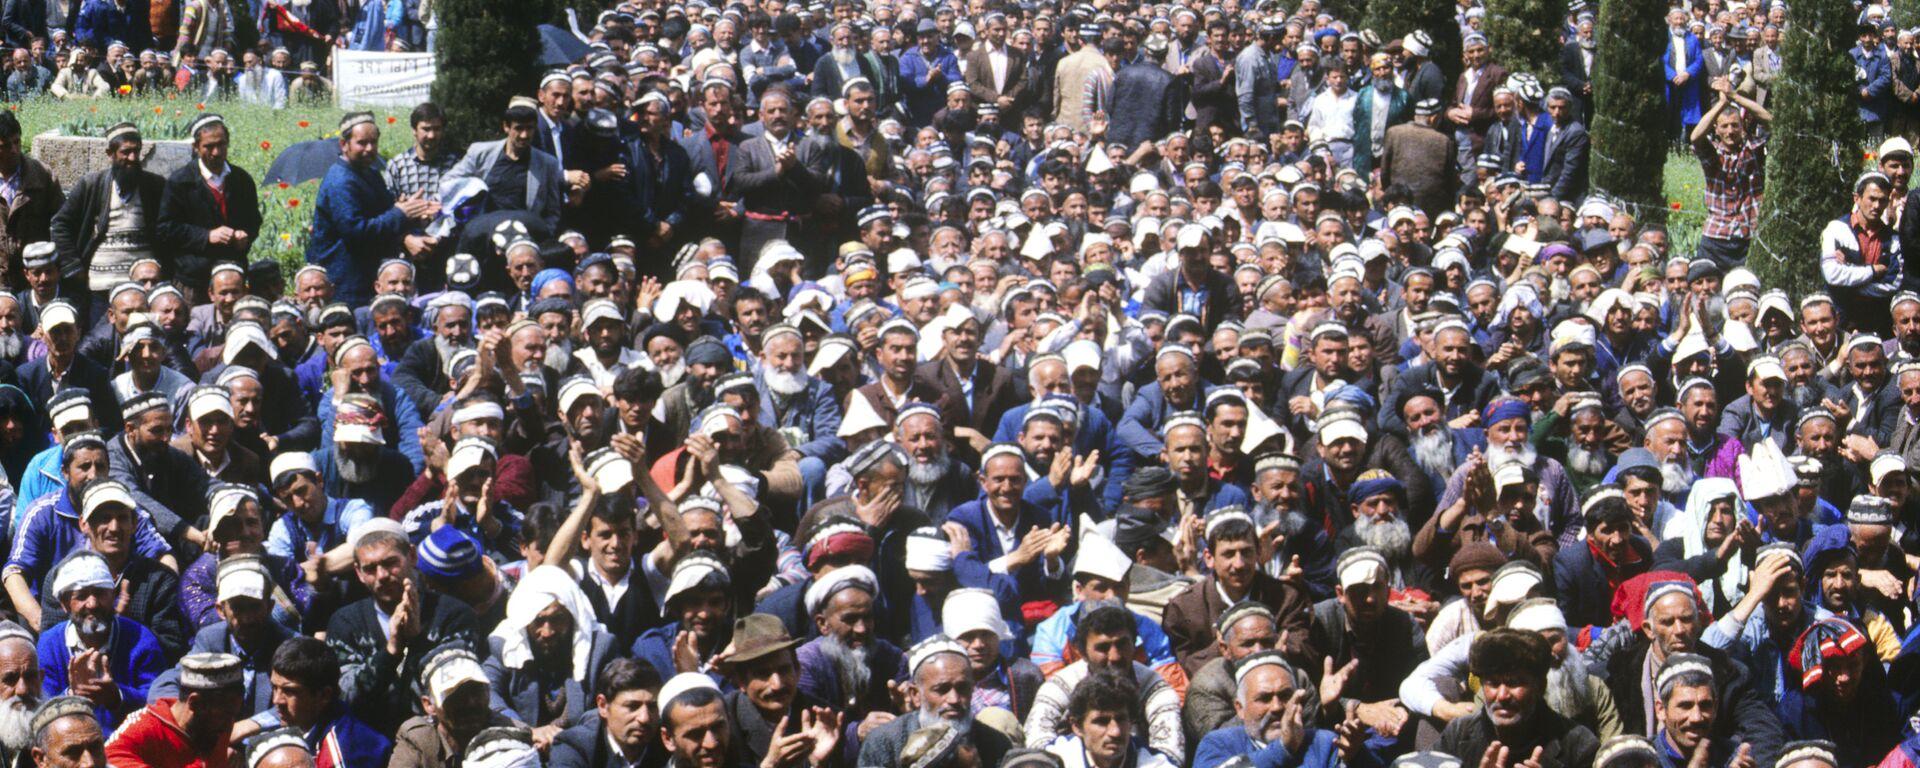 Митинг на площади Шахидон - Sputnik Таджикистан, 1920, 05.05.2017